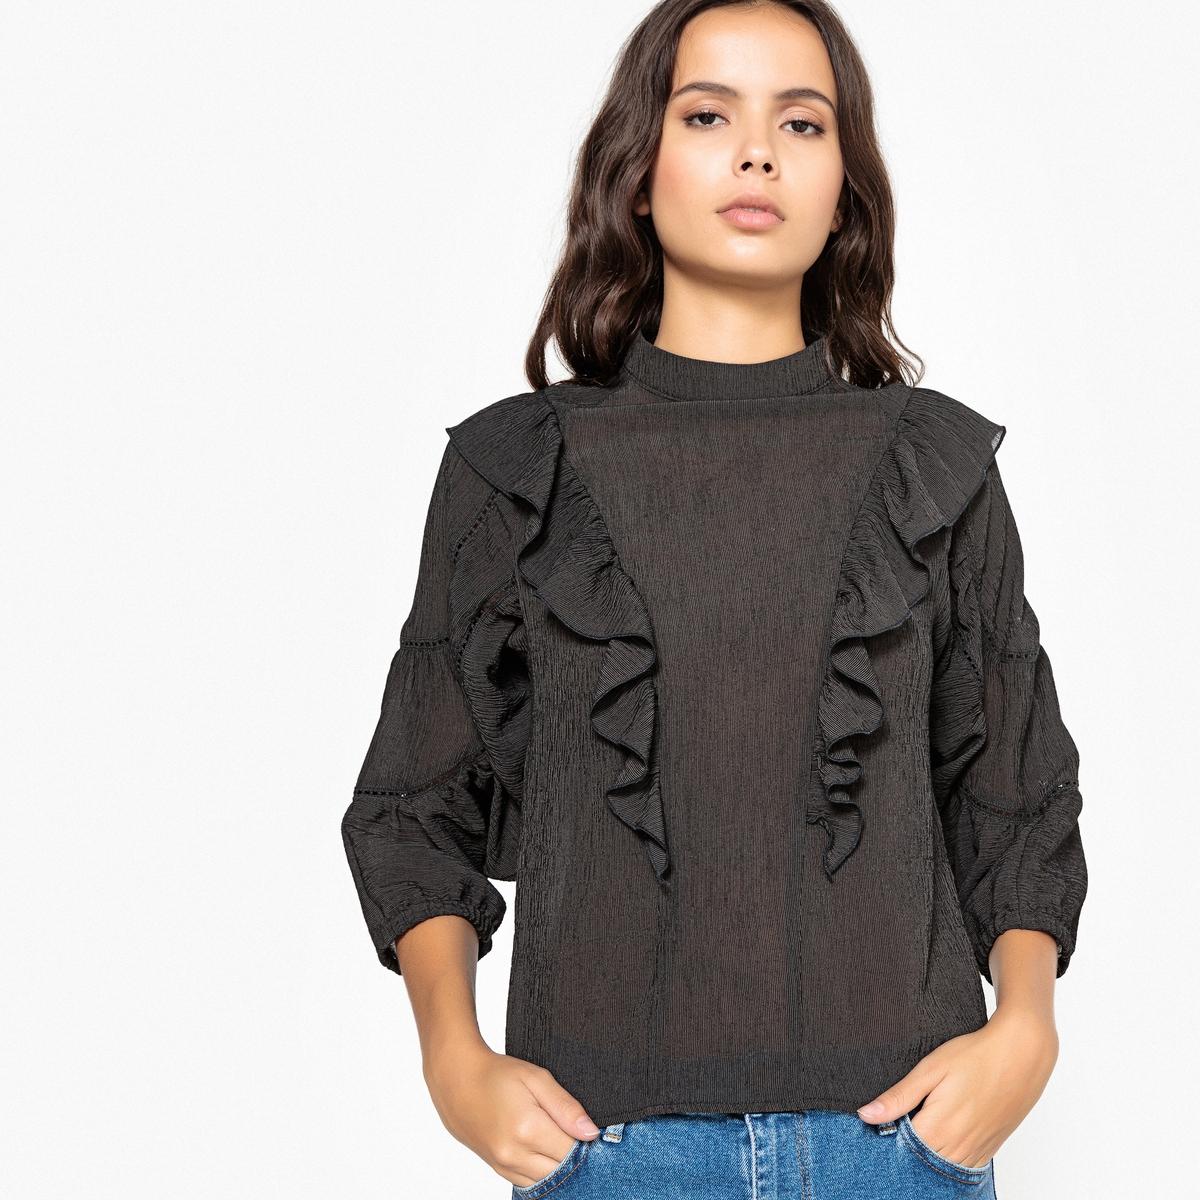 Блузка с воланами, воротником-стойкой и широкими рукавами